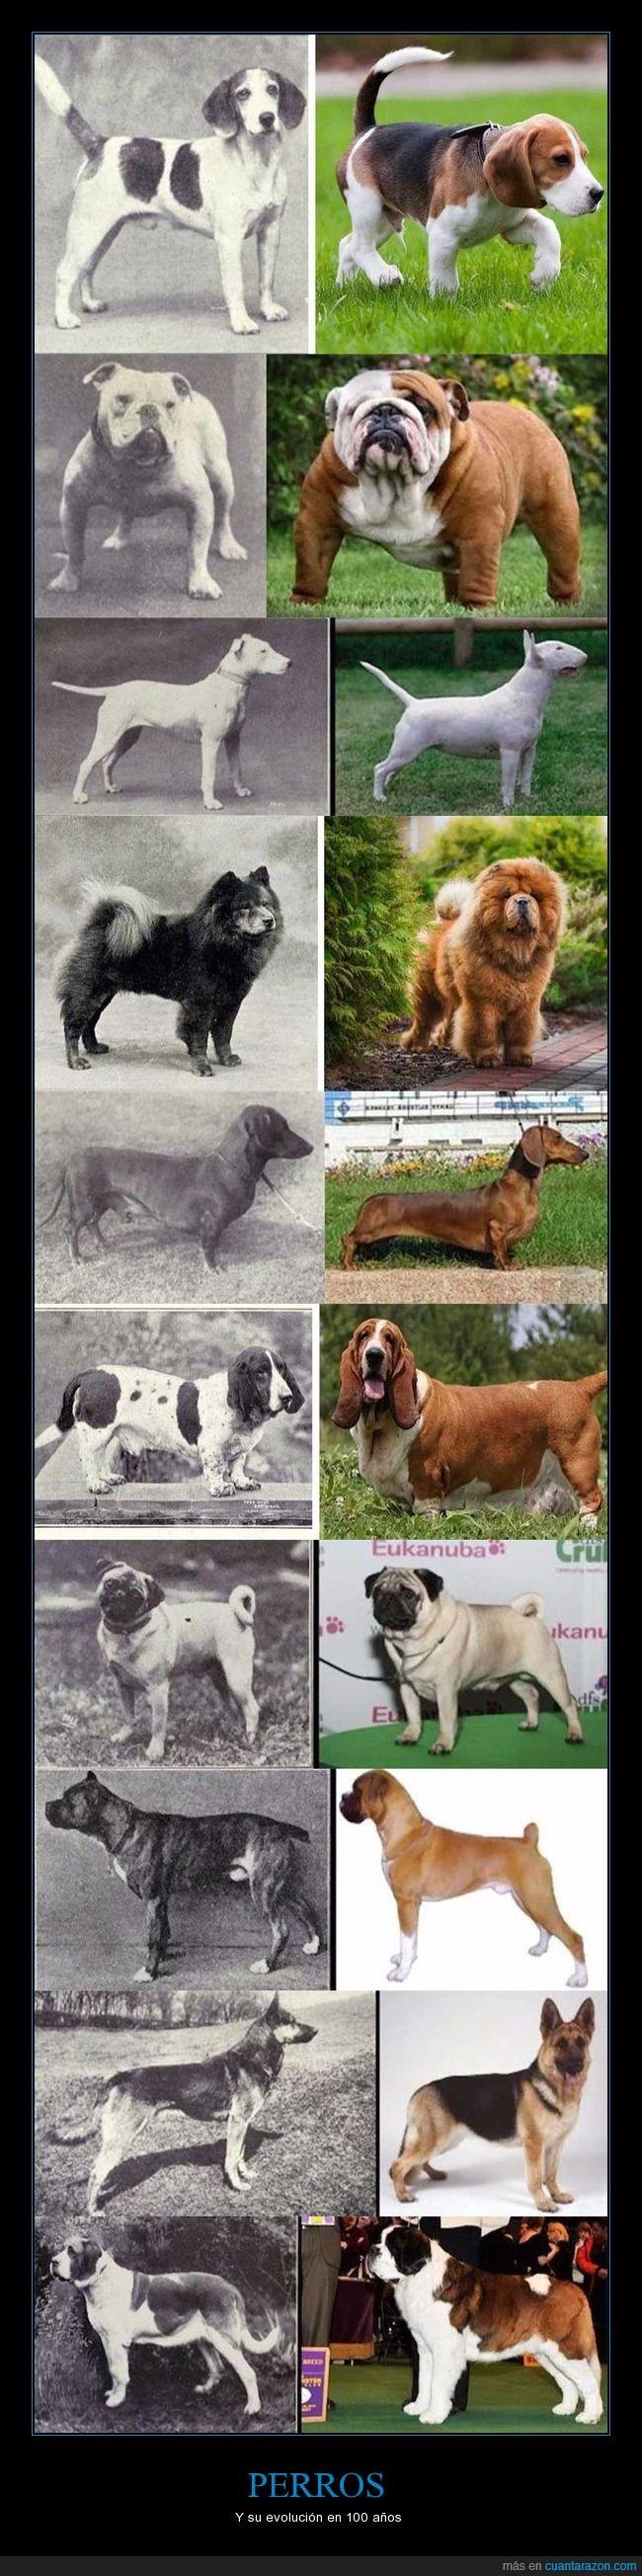 cruces,evolución,genética,perros,razas